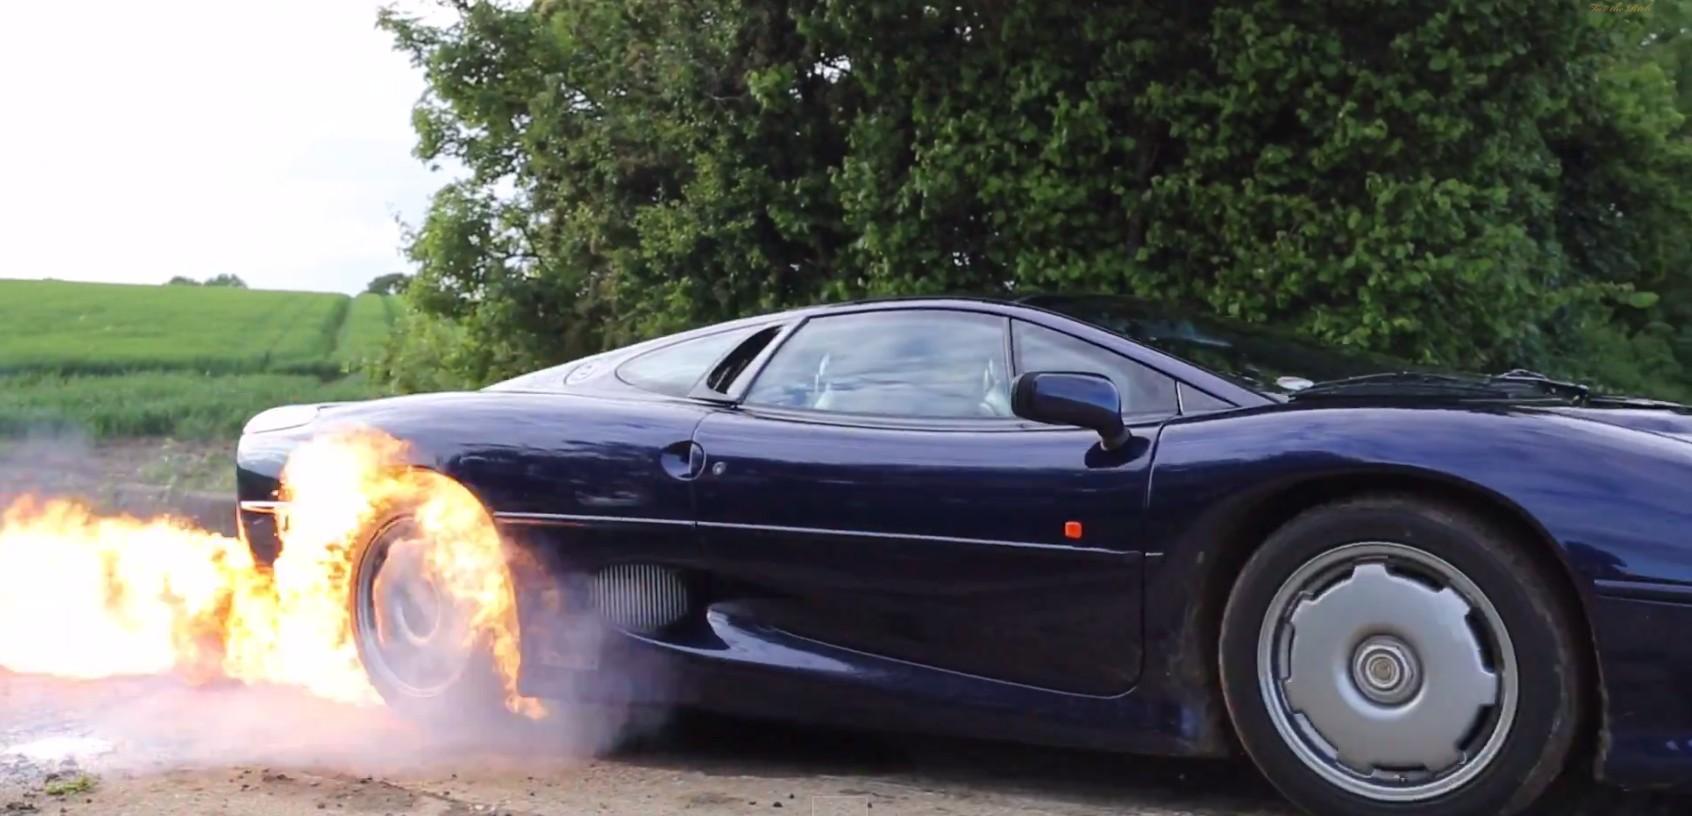 Jaguar XJ220 Lights Tires On Fire In Ultimate Burnout